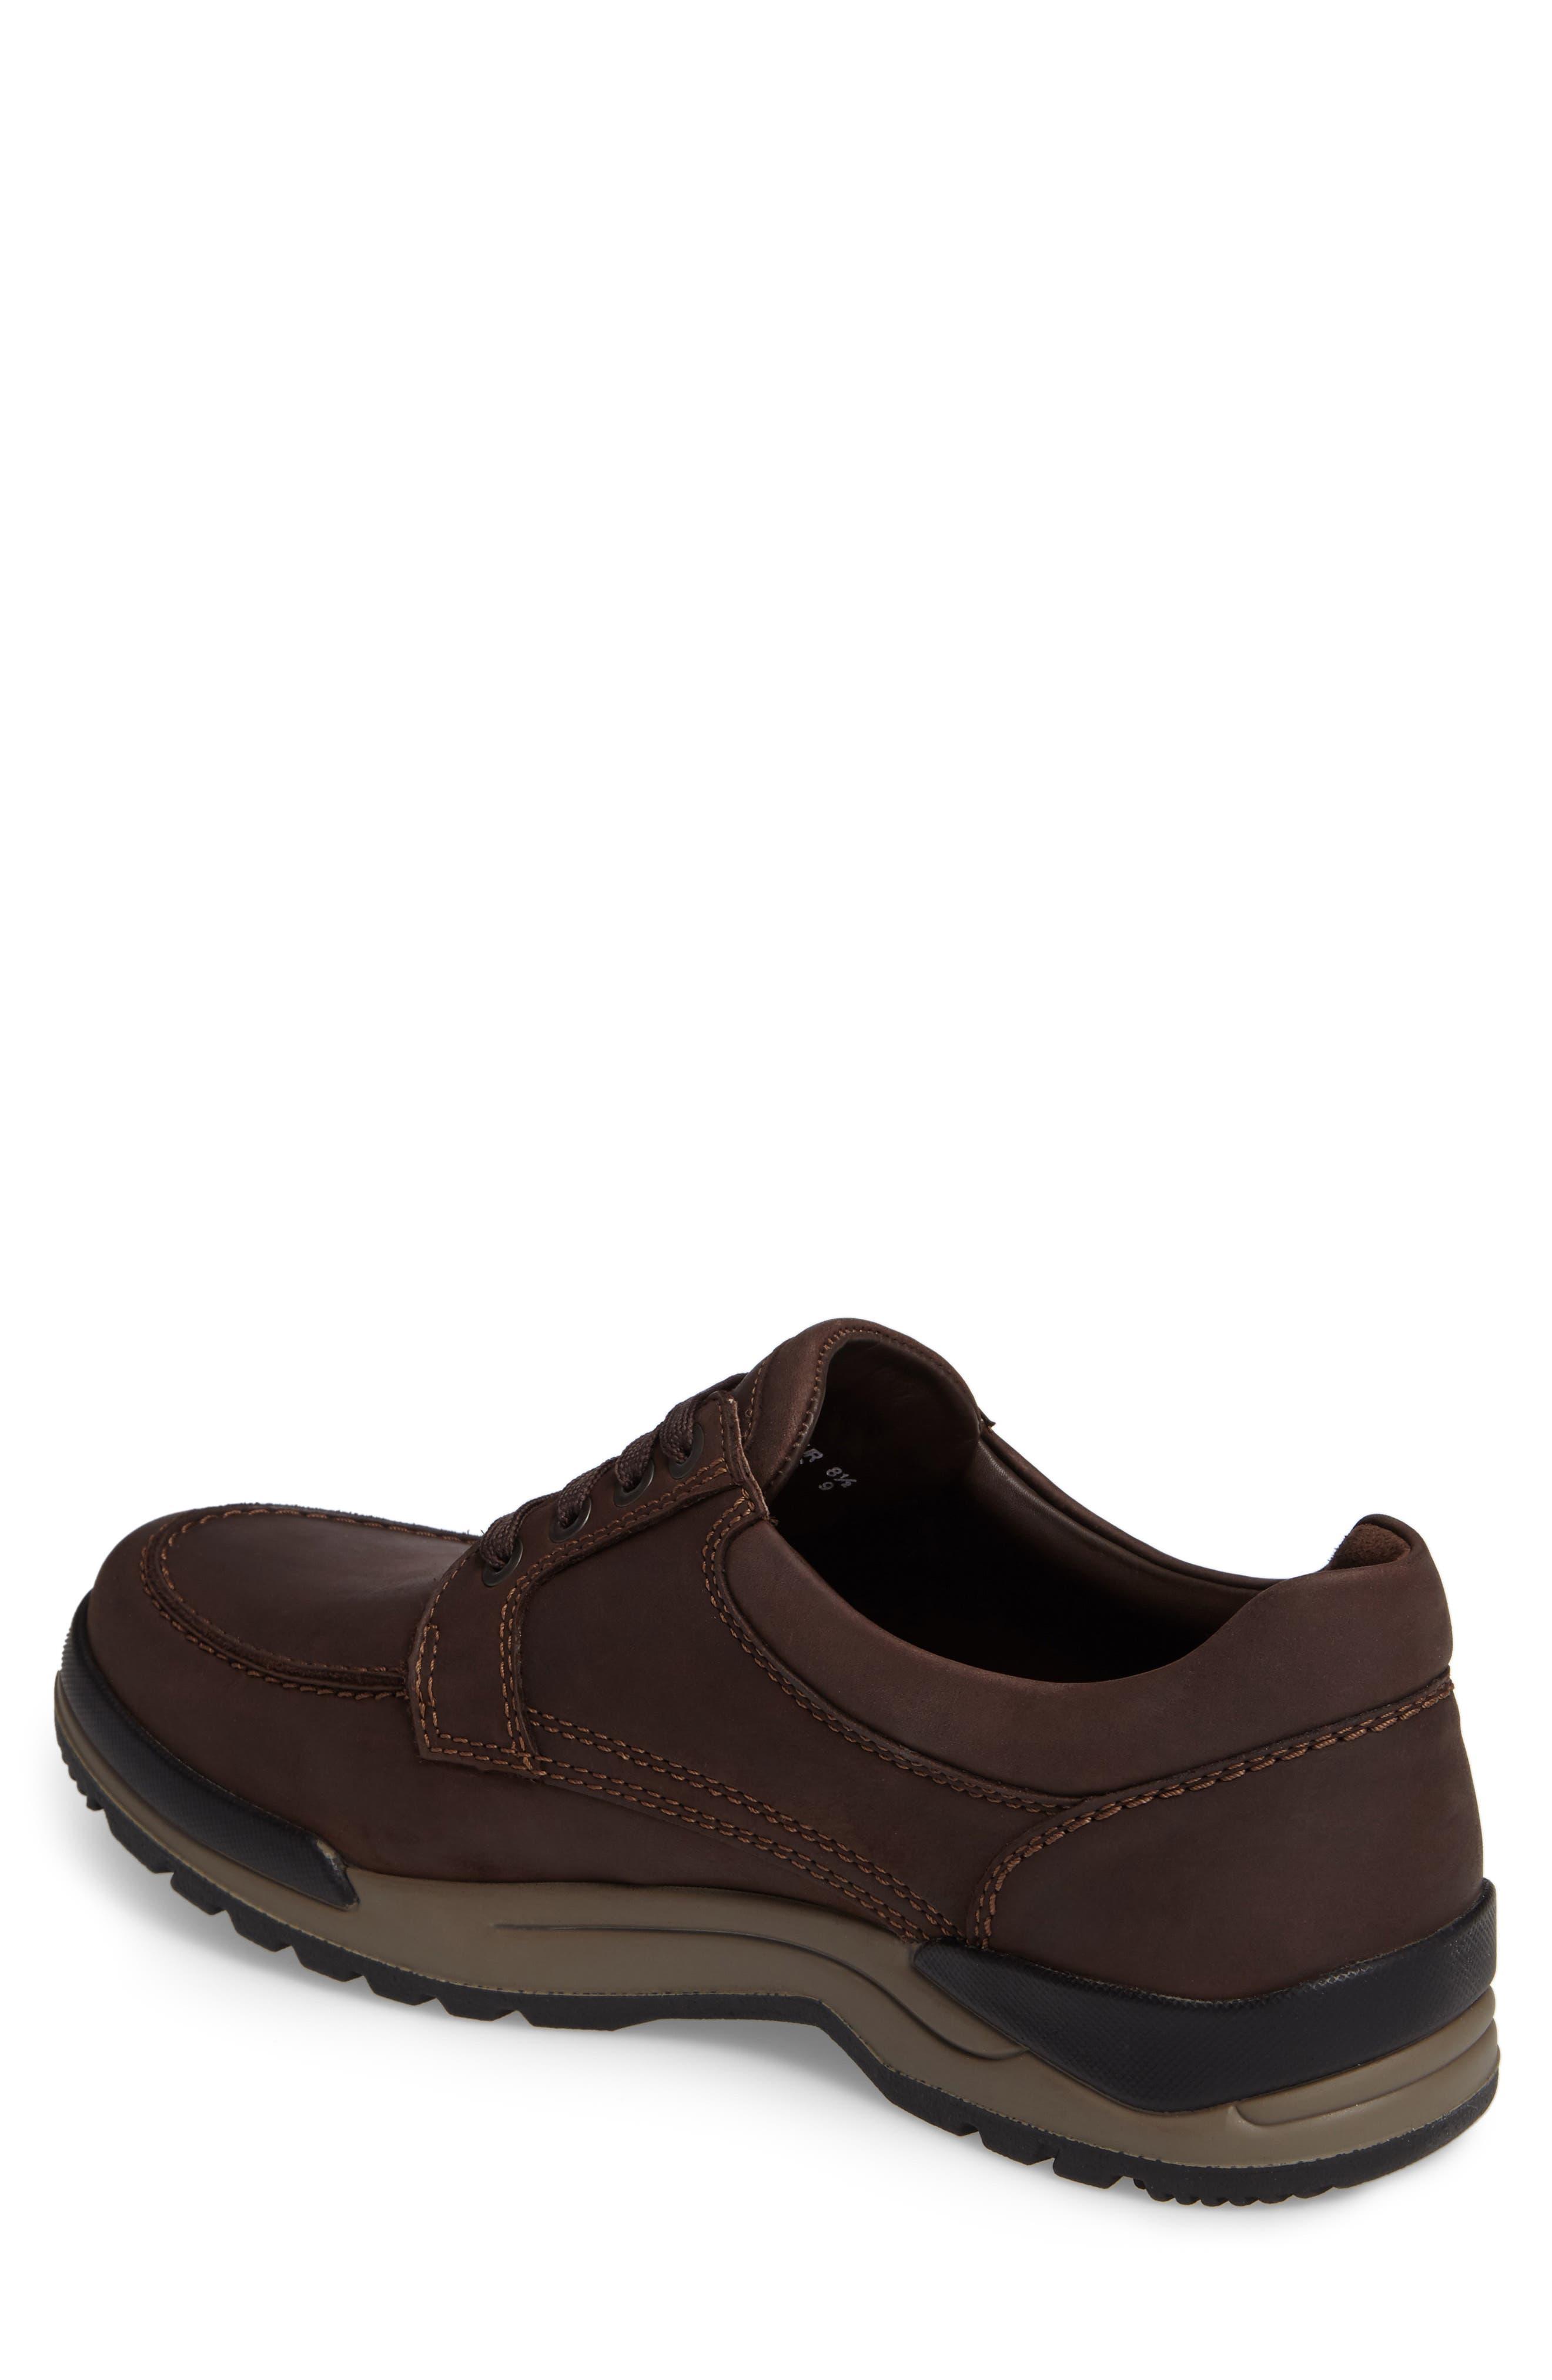 Charles Waterproof Walking Shoe,                             Alternate thumbnail 2, color,                             DARK BROWN